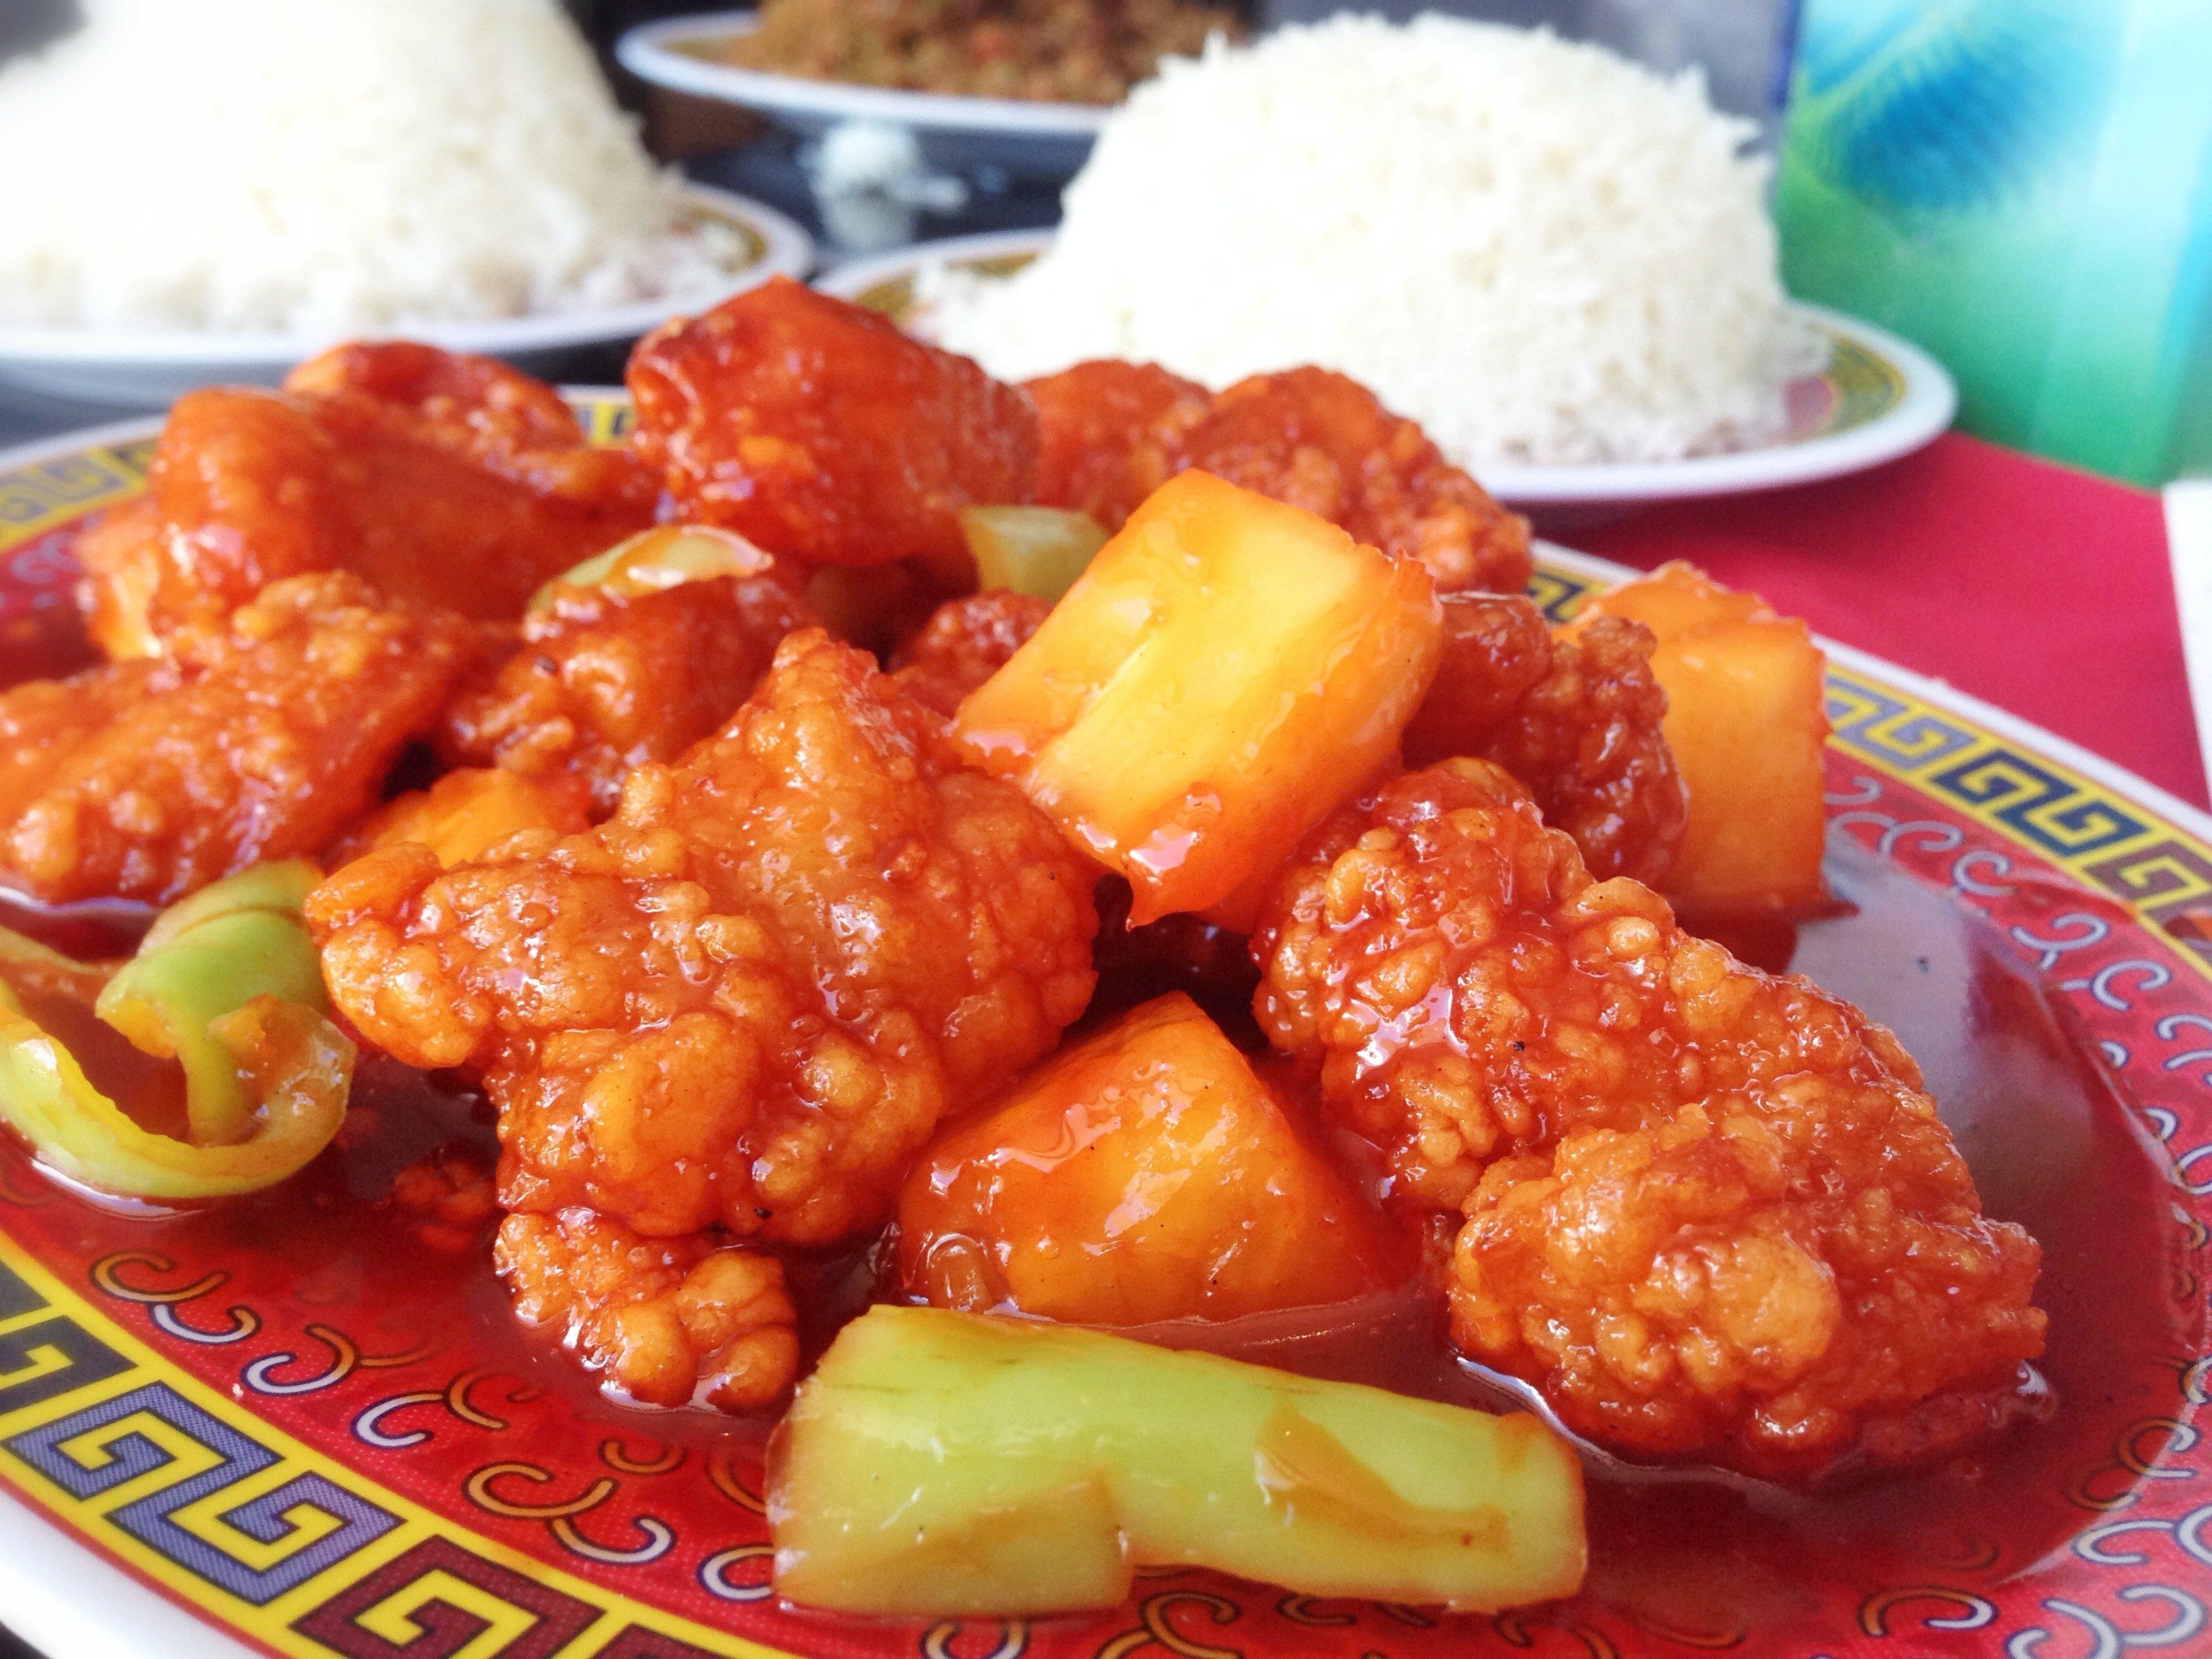 Pollo agridulce, uno de los platos estrella del Expreso Gran Muralla